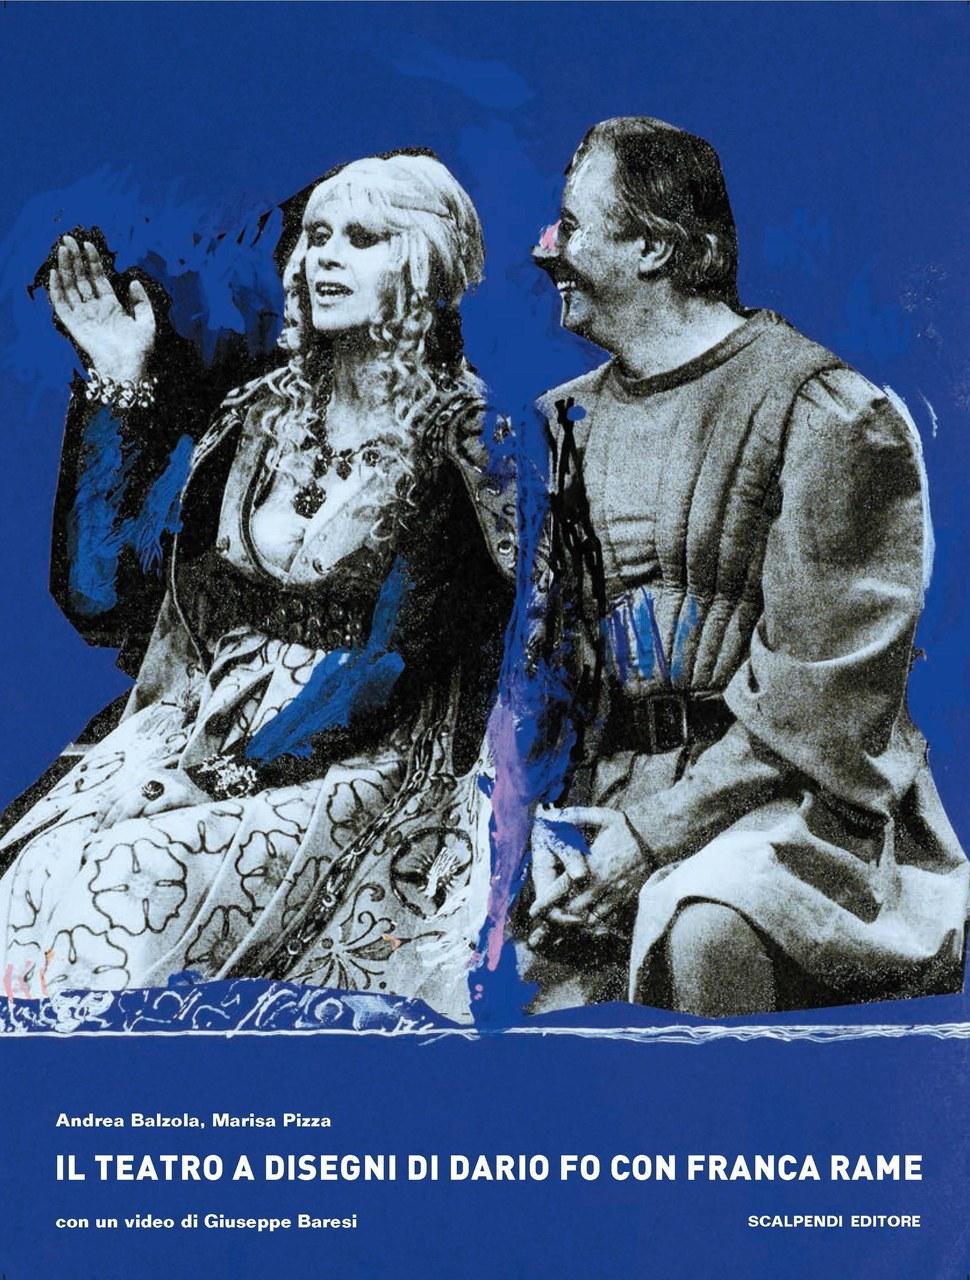 Franca Rame e Dario Fo in una scena di Isabella, tre caravelle e un cacciaballe, 1963 (rielaborazione grafica di Dario Fo) ©Archivio Franca Rame-Dario Fo